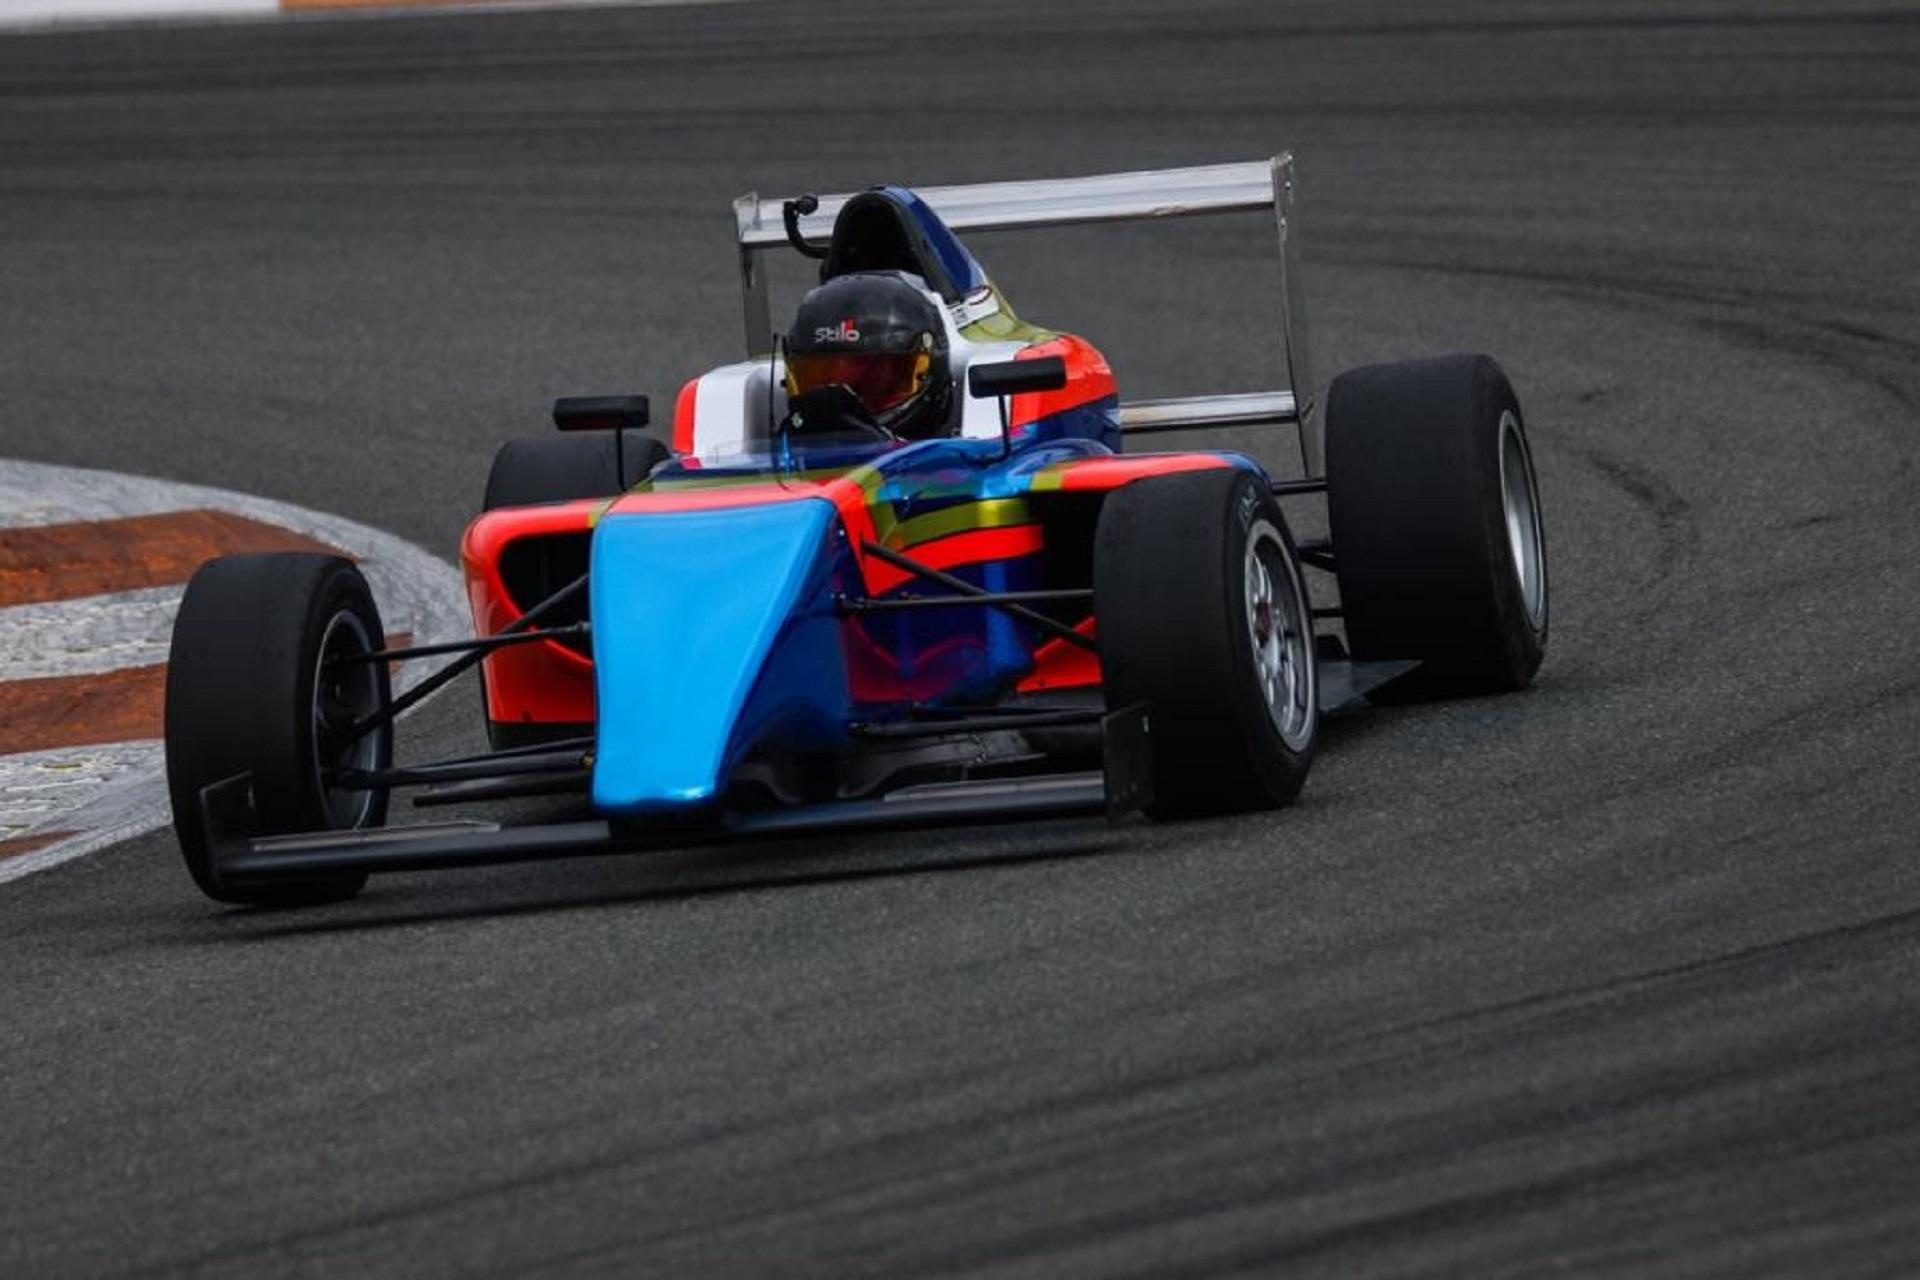 Guilherme de Oliveira do Karting para a F4 espanhola com a equipa de Fernando Alonso